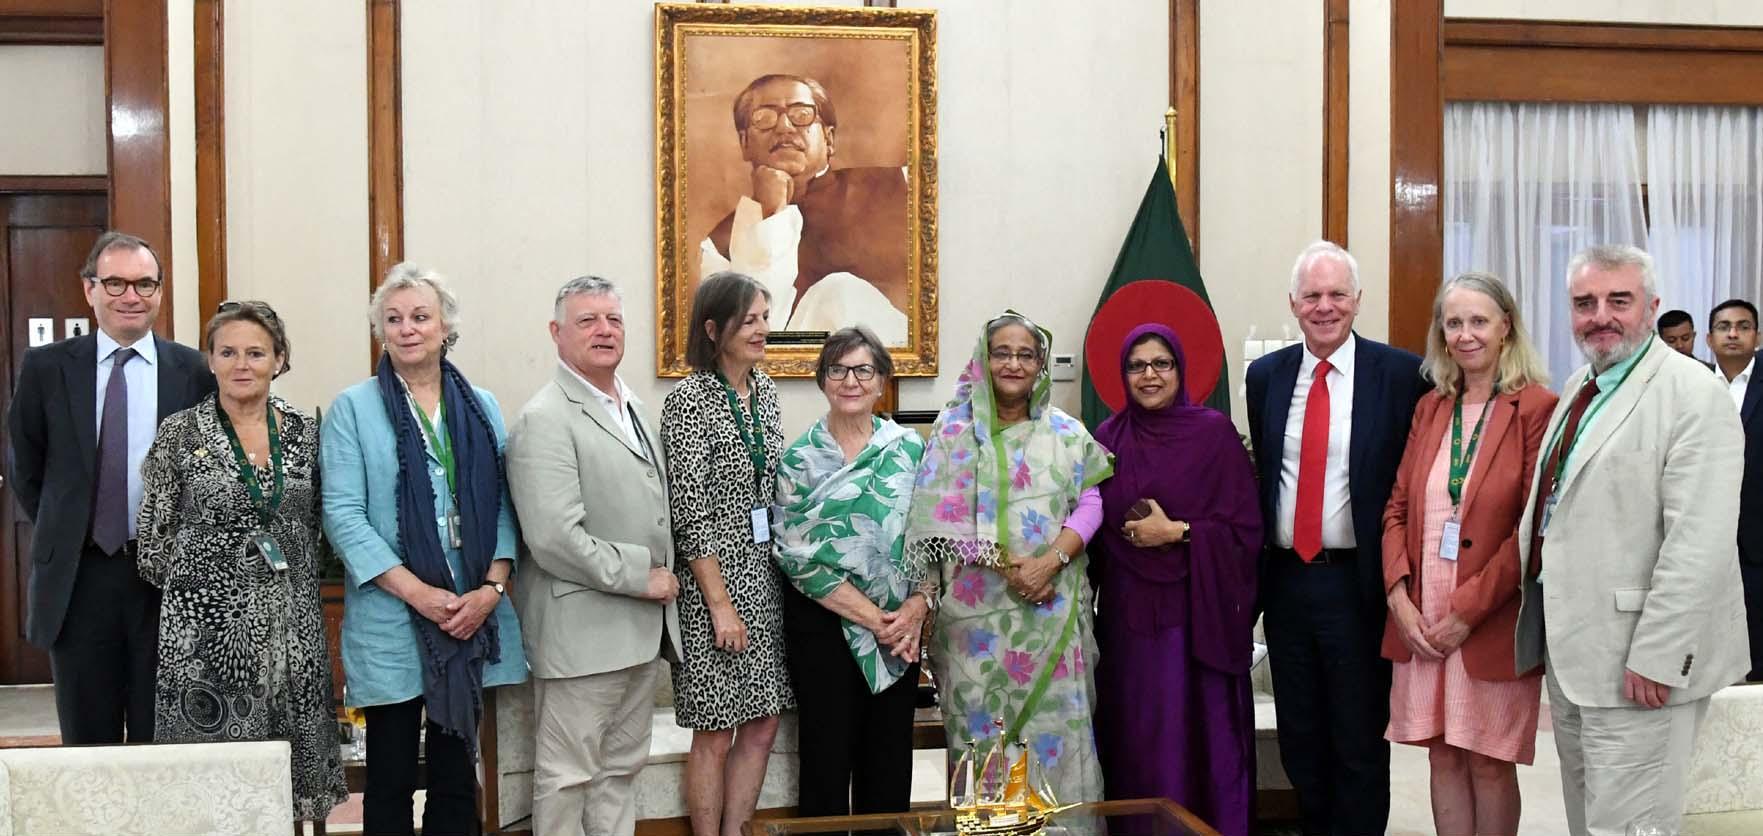 Rohingyas a big burden for Bangladesh: PM